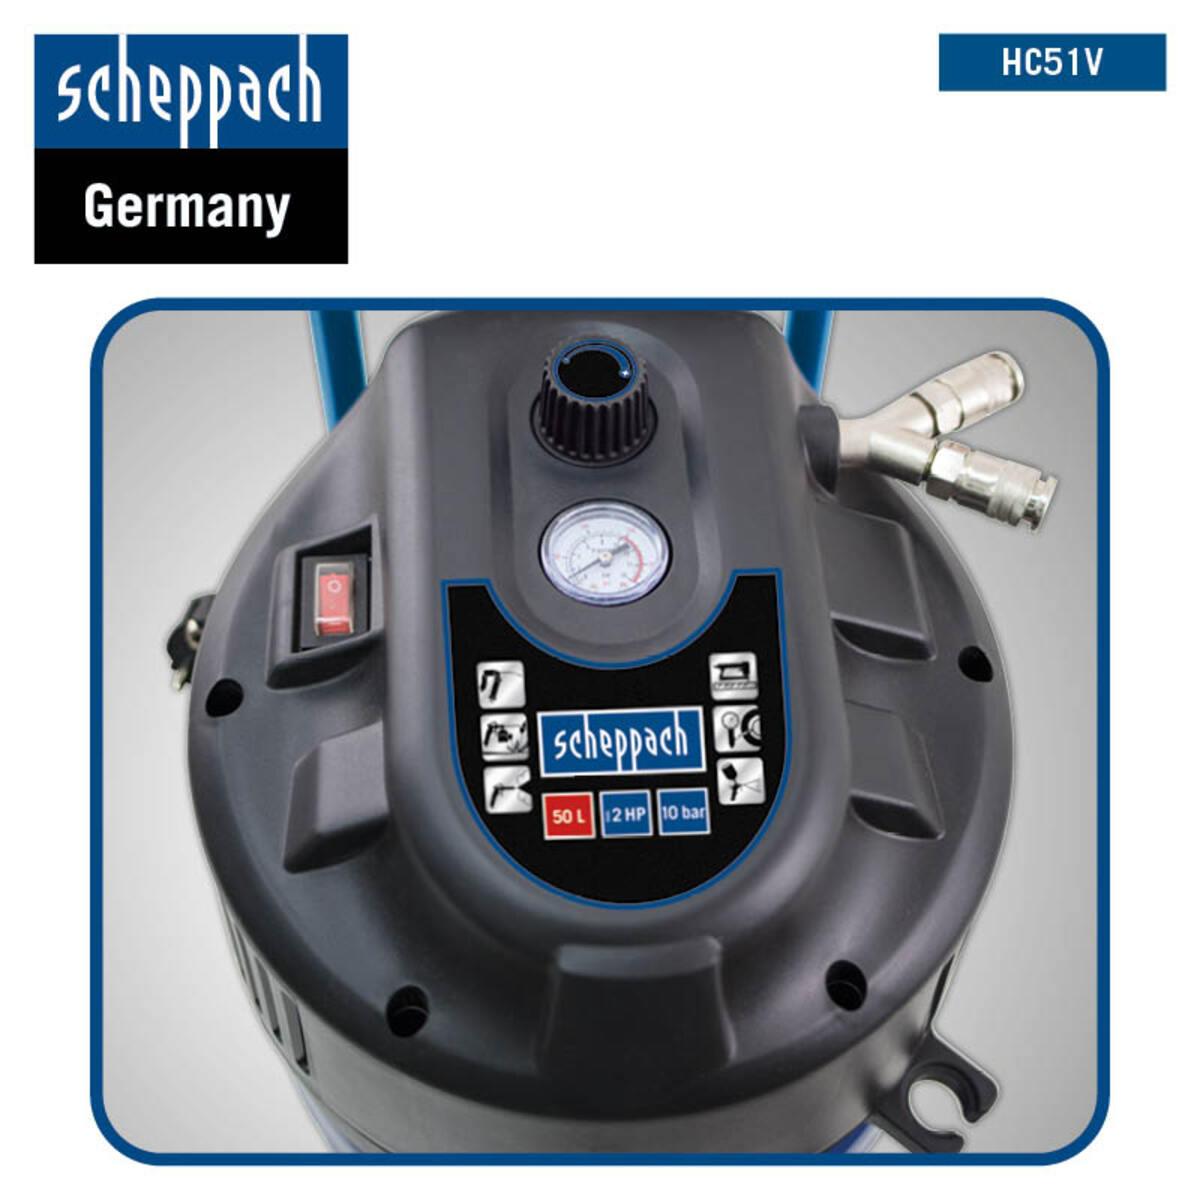 Bild 5 von Scheppach Kompressor VC52Pro SE